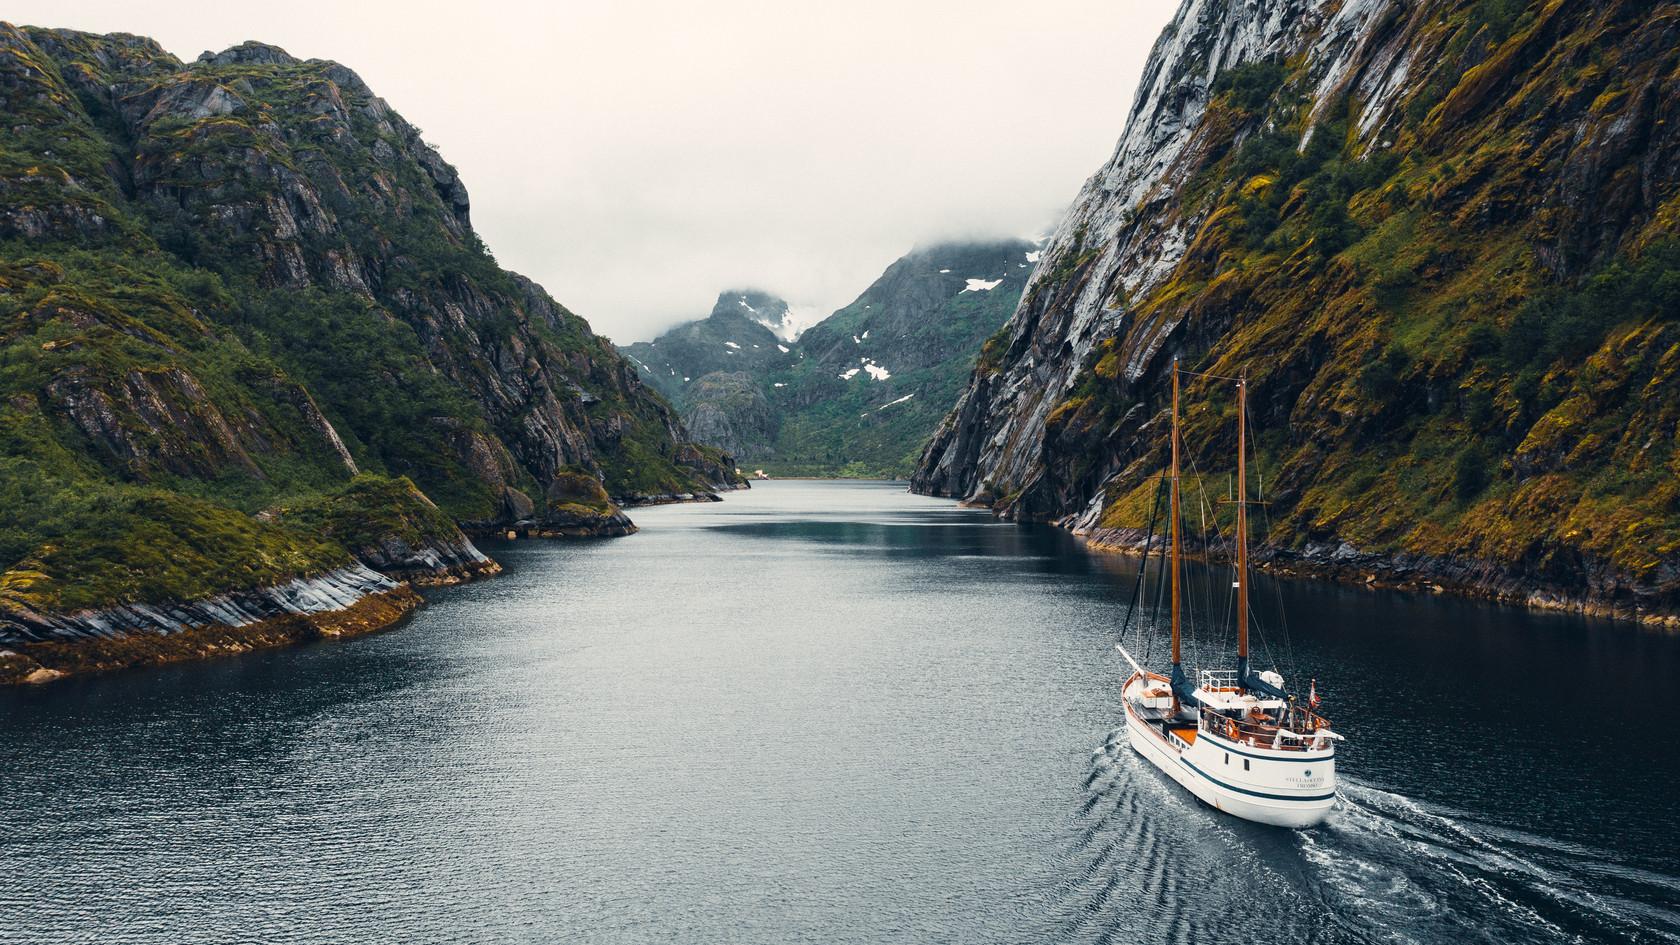 Trollfjord Lofoten - S/Y Stella Oceana - World Sea Explorers